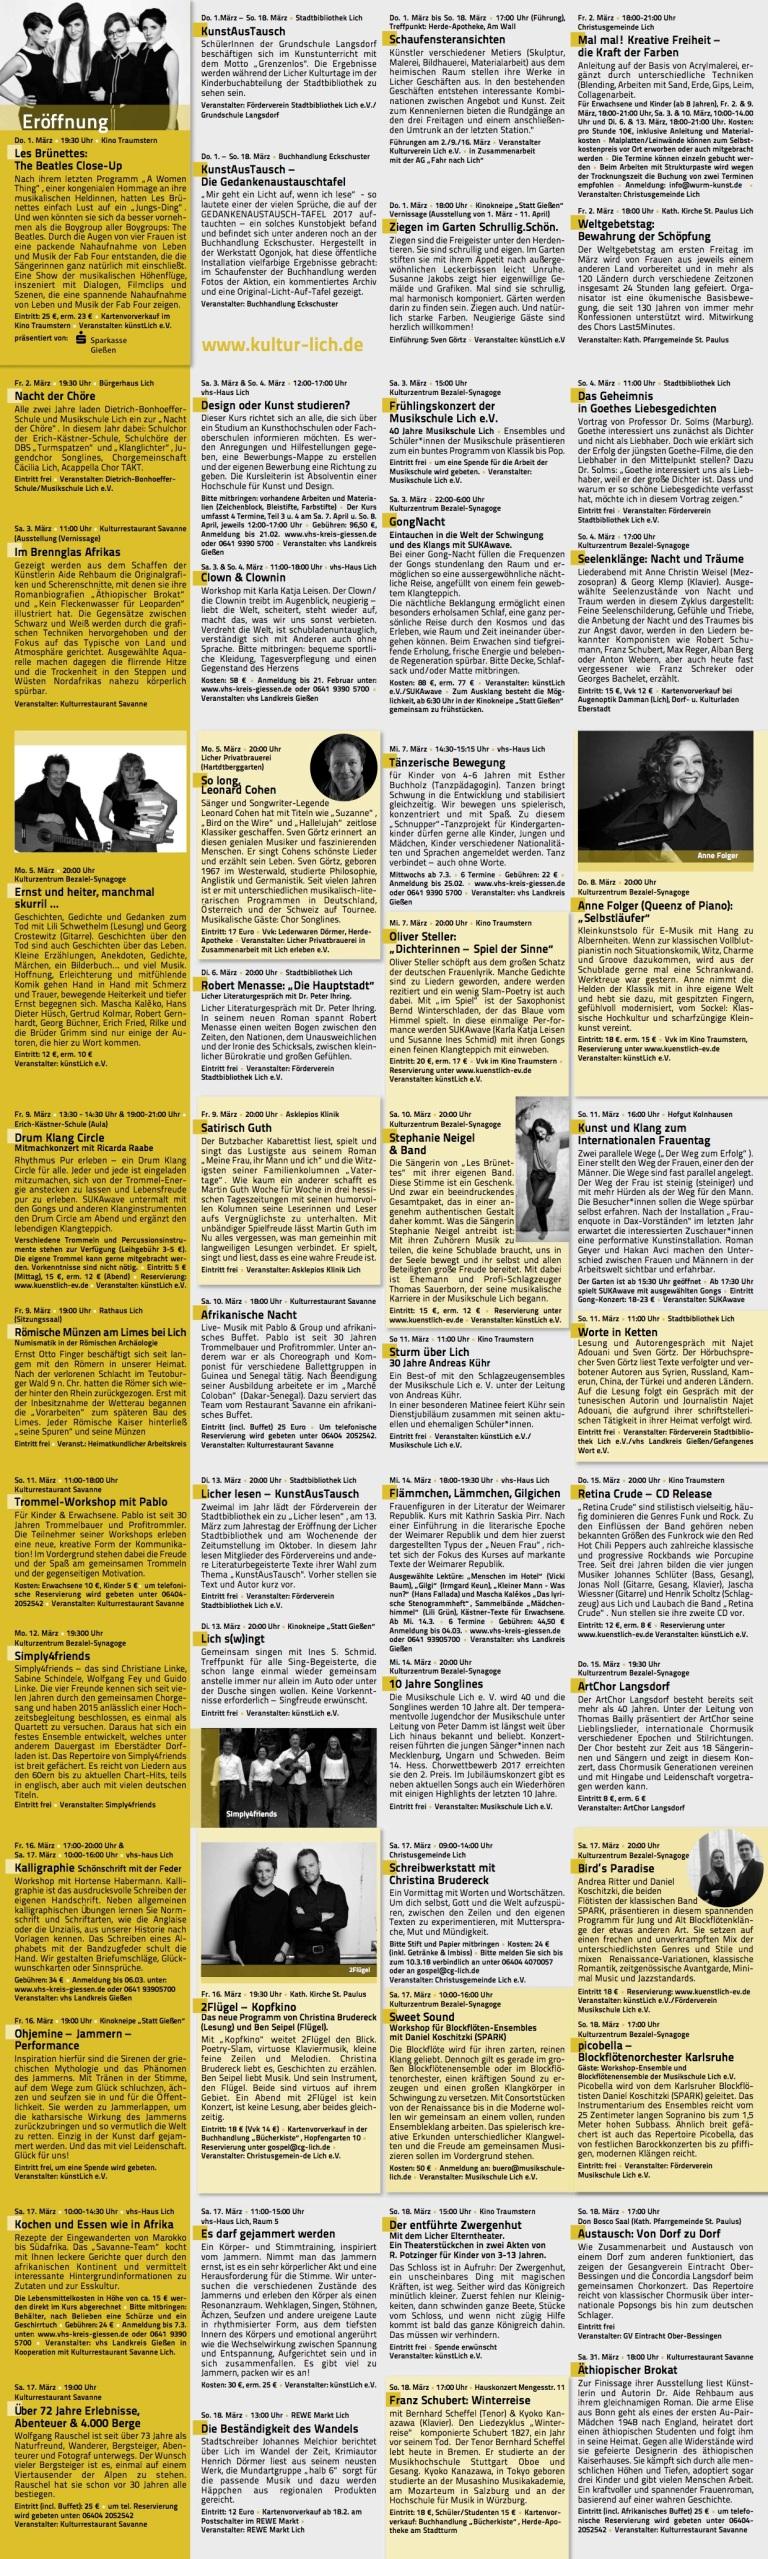 Licher_Kulturtage_2018_Seite_2